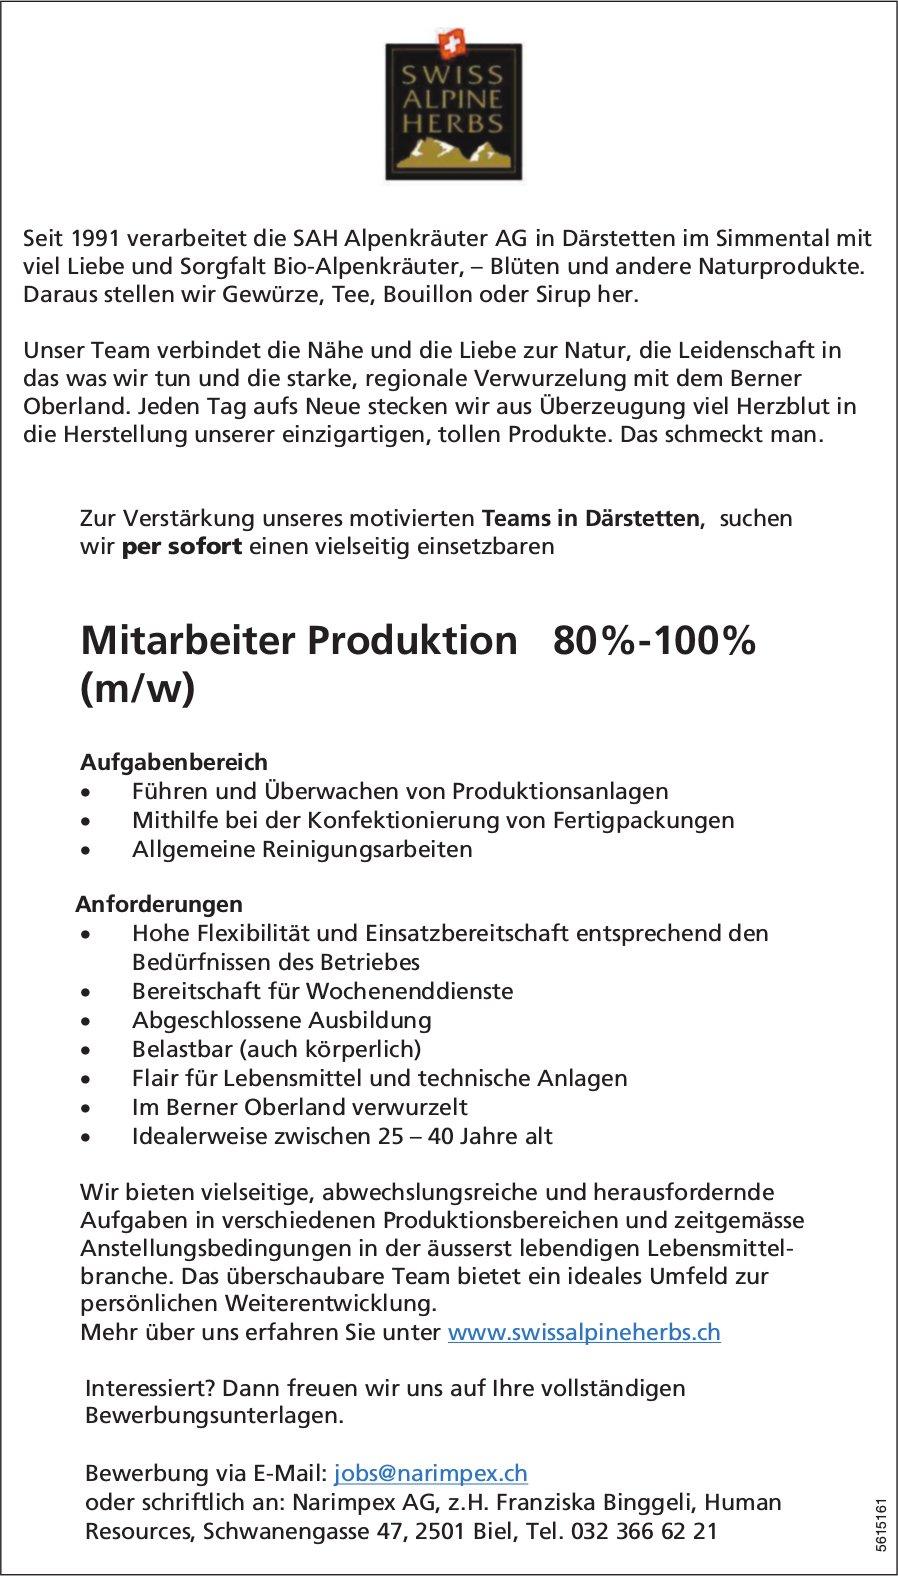 Mitarbeiter Produktion 80%-100% (m/w) bei SAH Alpen kräuter AG gesucht